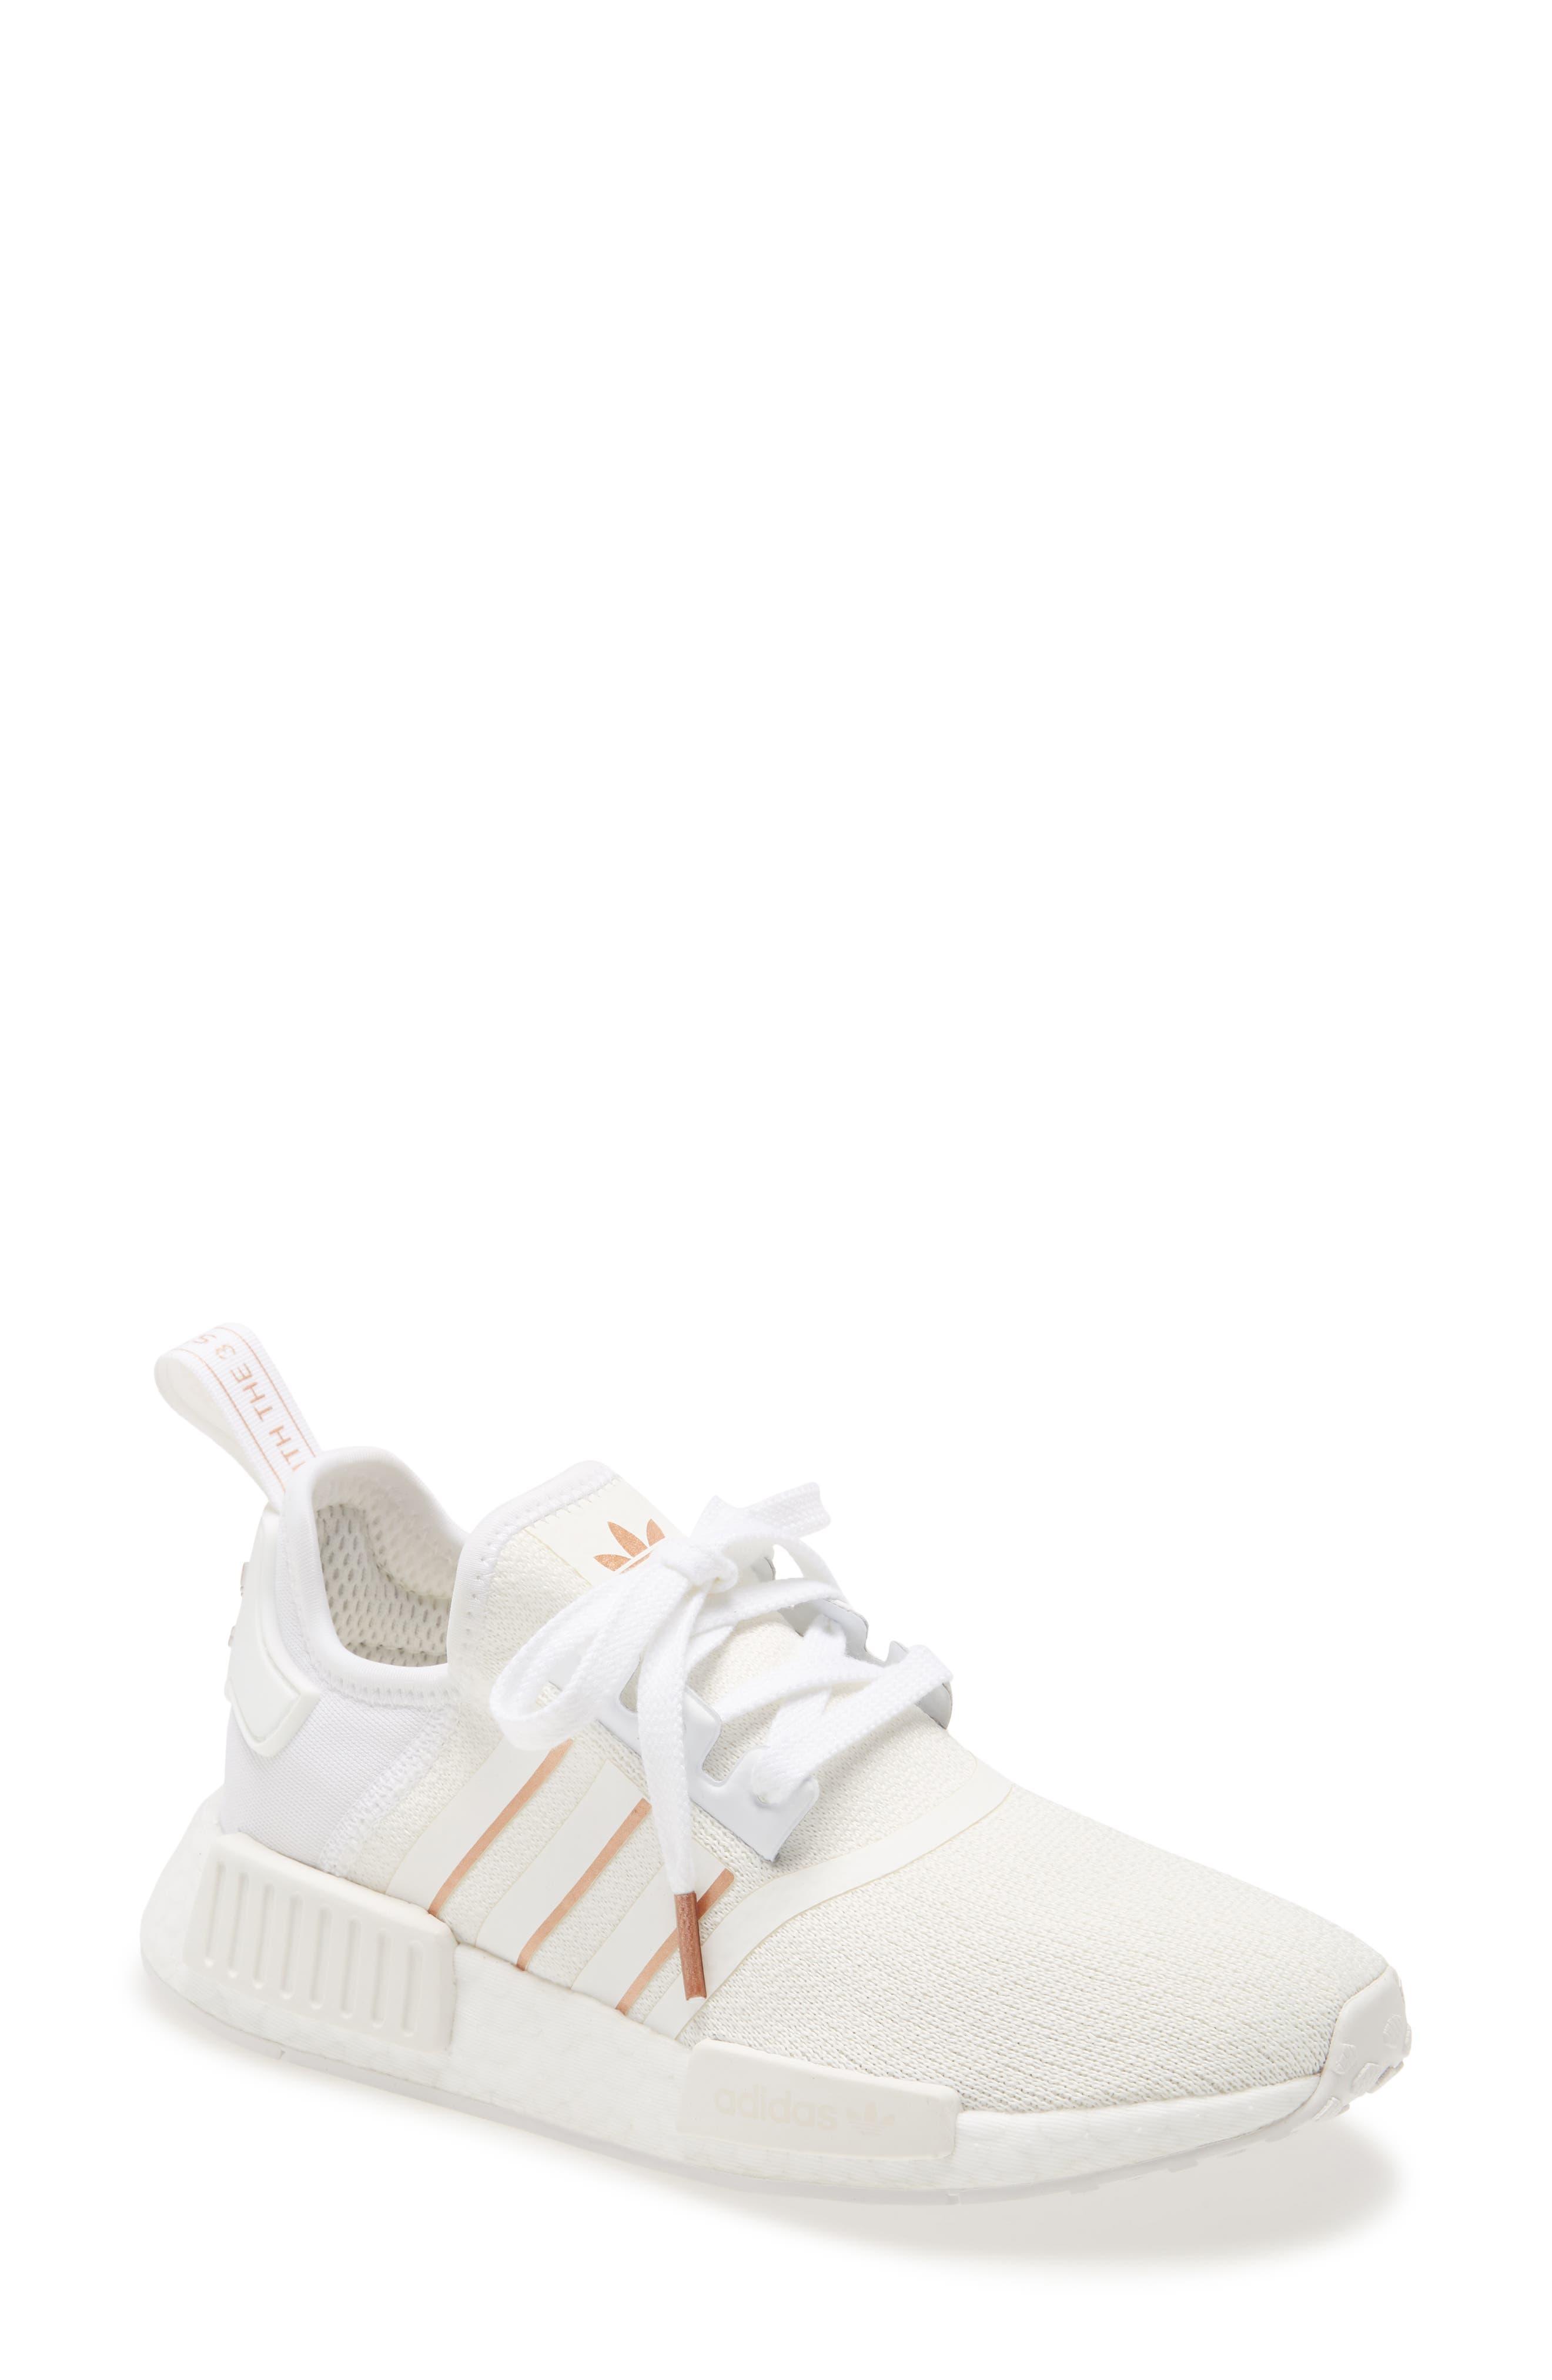 Women's adidas Sneakers \u0026 Athletic